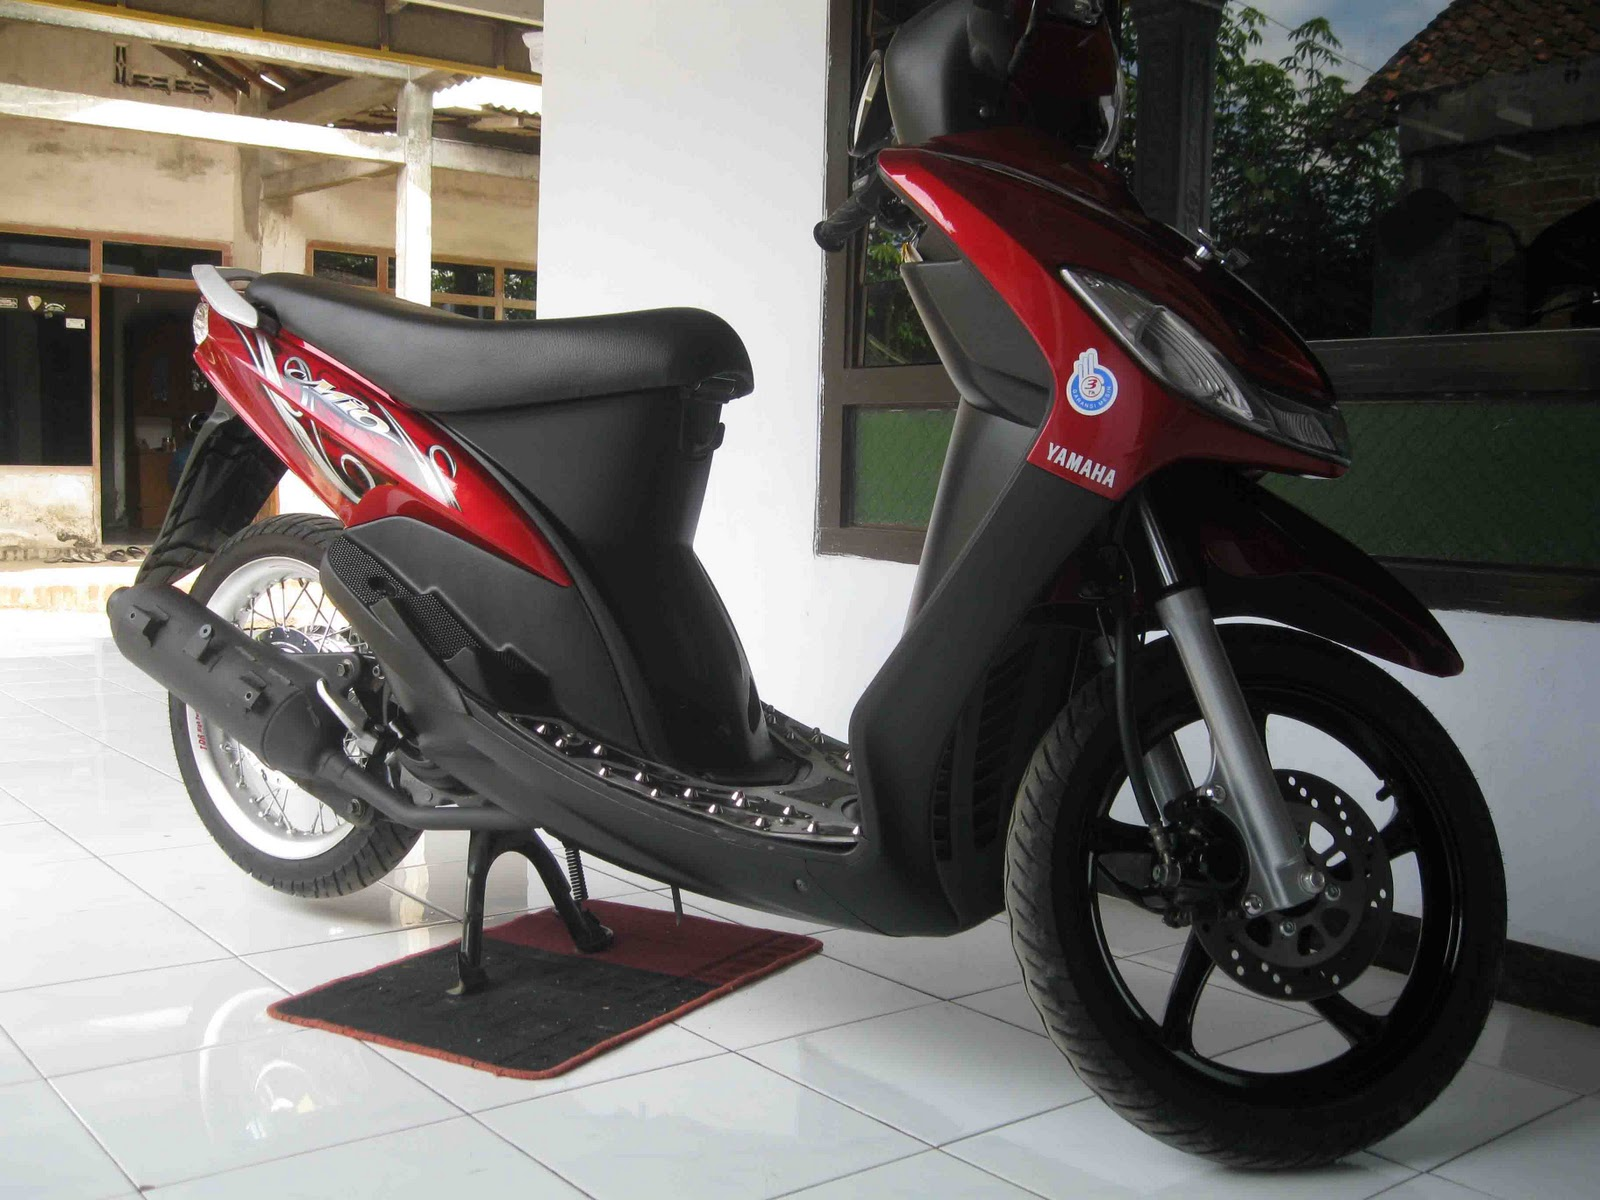 http://1.bp.blogspot.com/_O2yBU8xAC-k/TLzol5x49-I/AAAAAAAAAB8/8QnBZb05kts/s1600/mio-sporty-velg-TDR-Racing.jpg